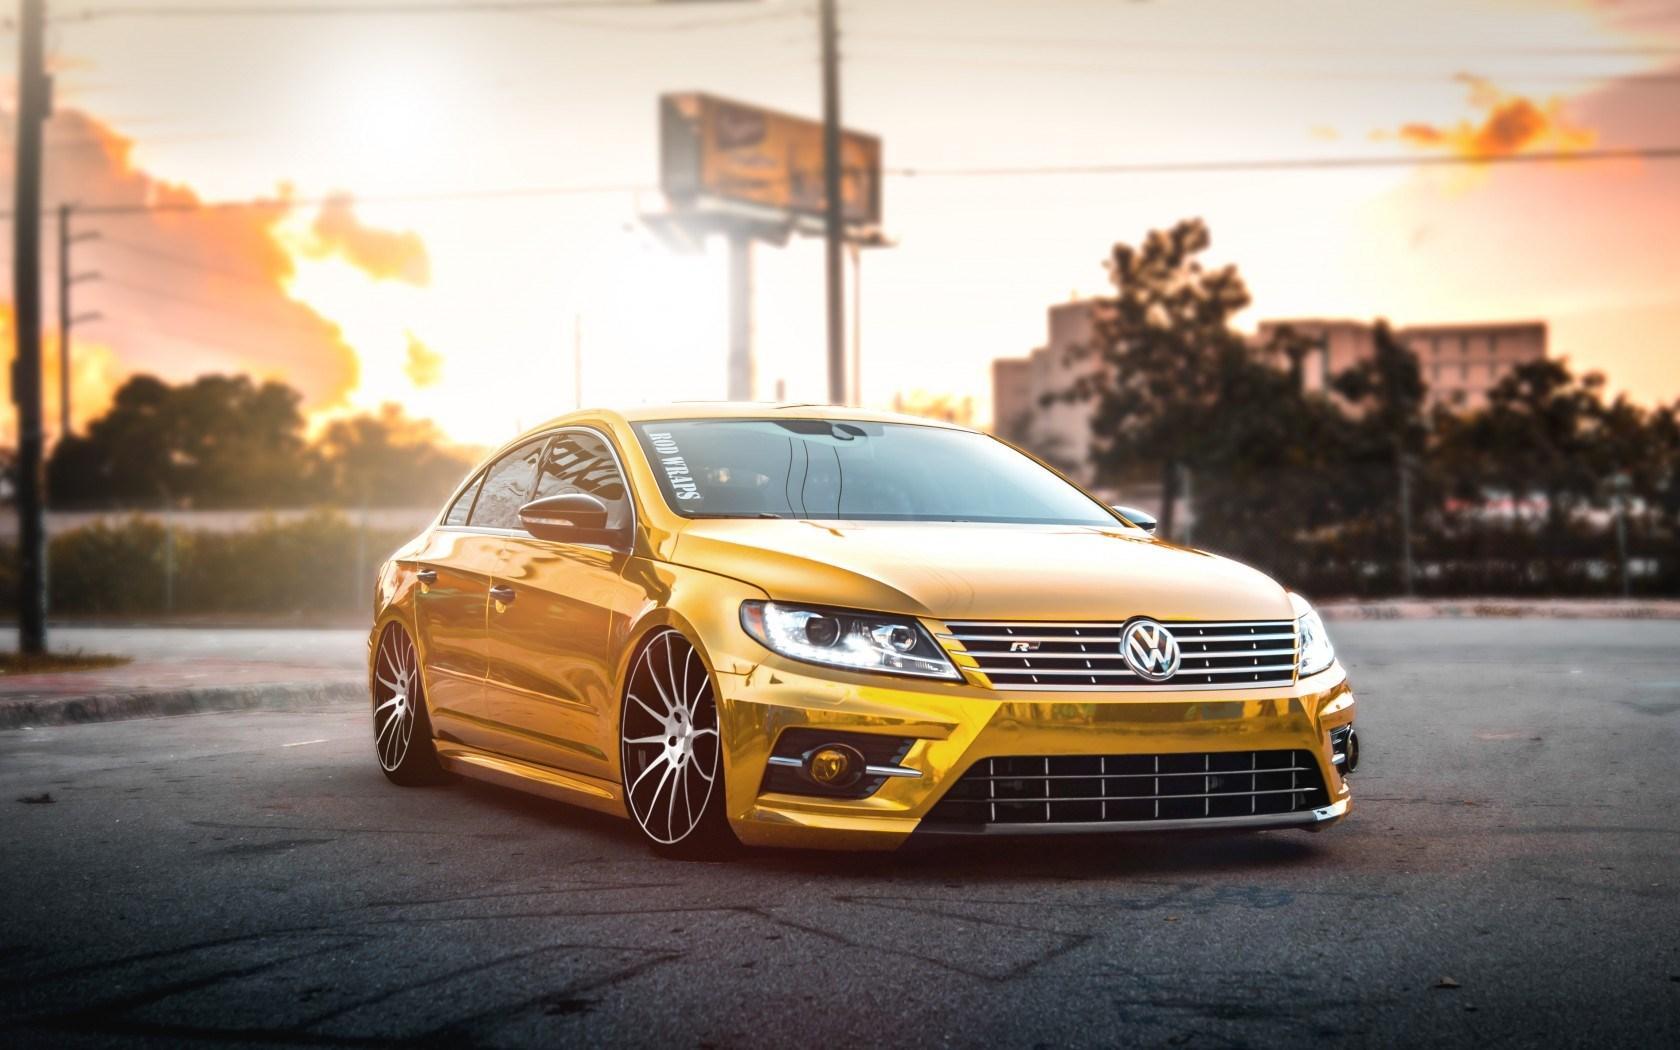 91+ Gold Car Wallpapers on WallpaperSafari